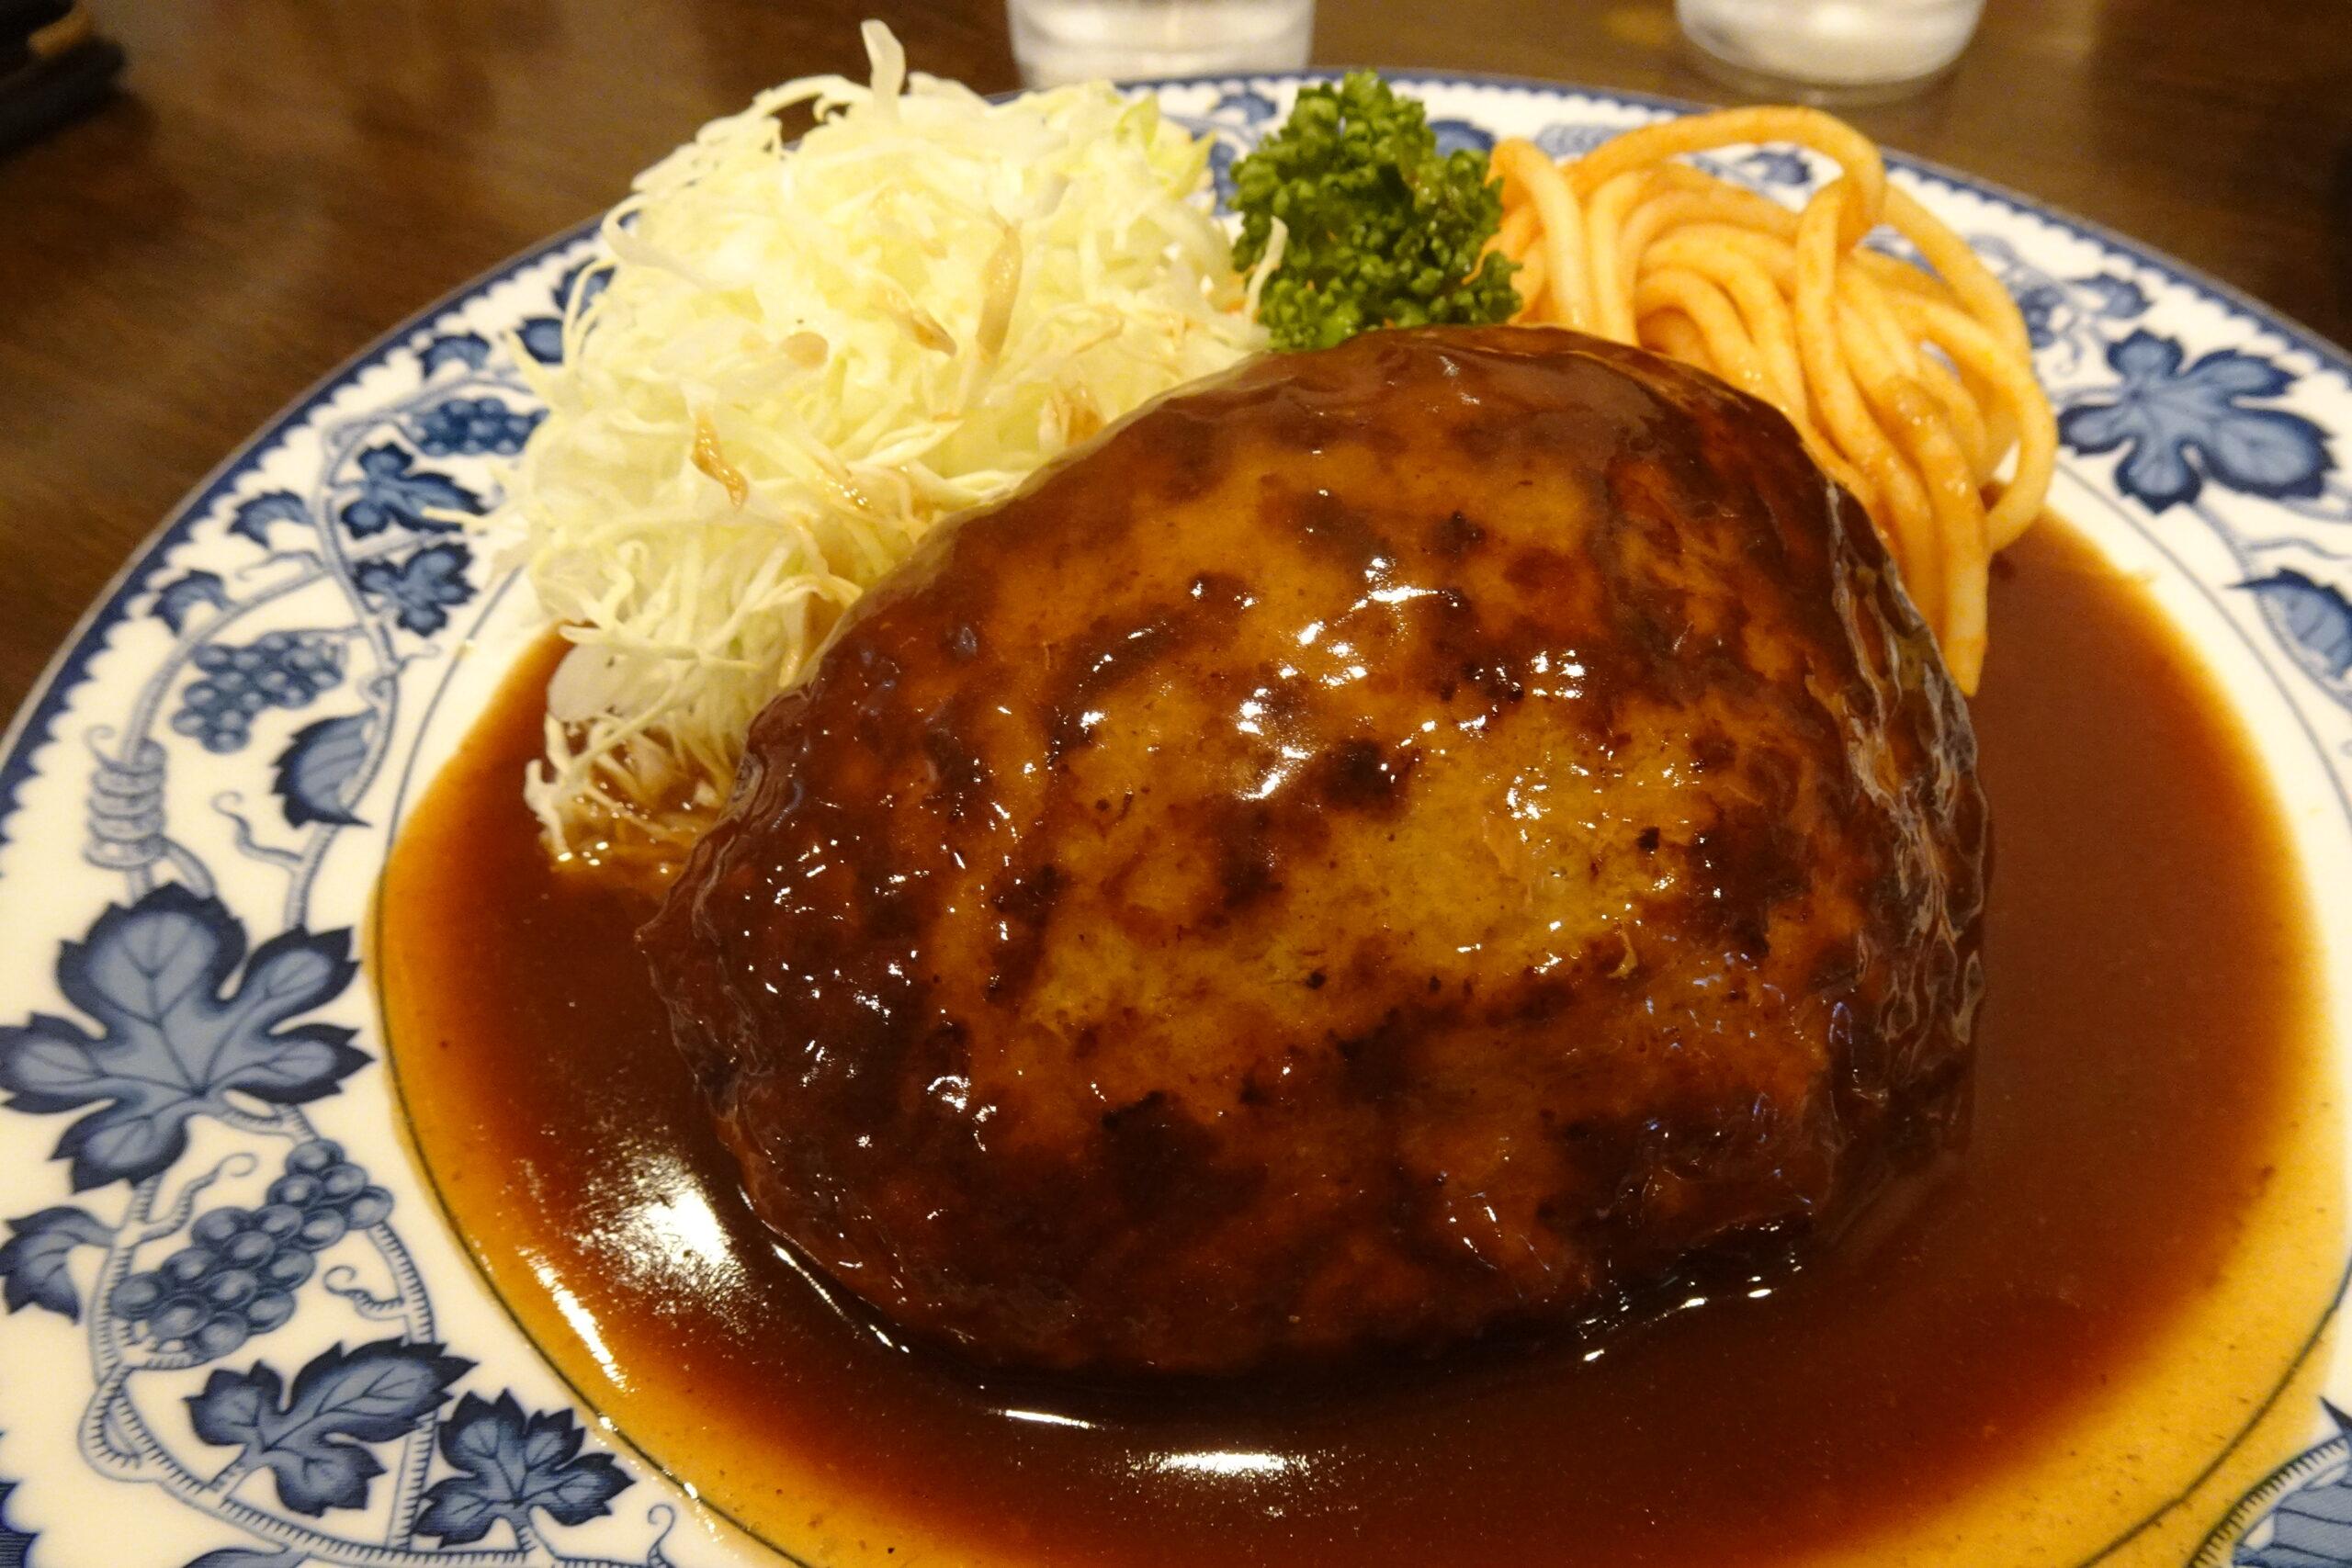 欧風料理重亭のハンバーグ